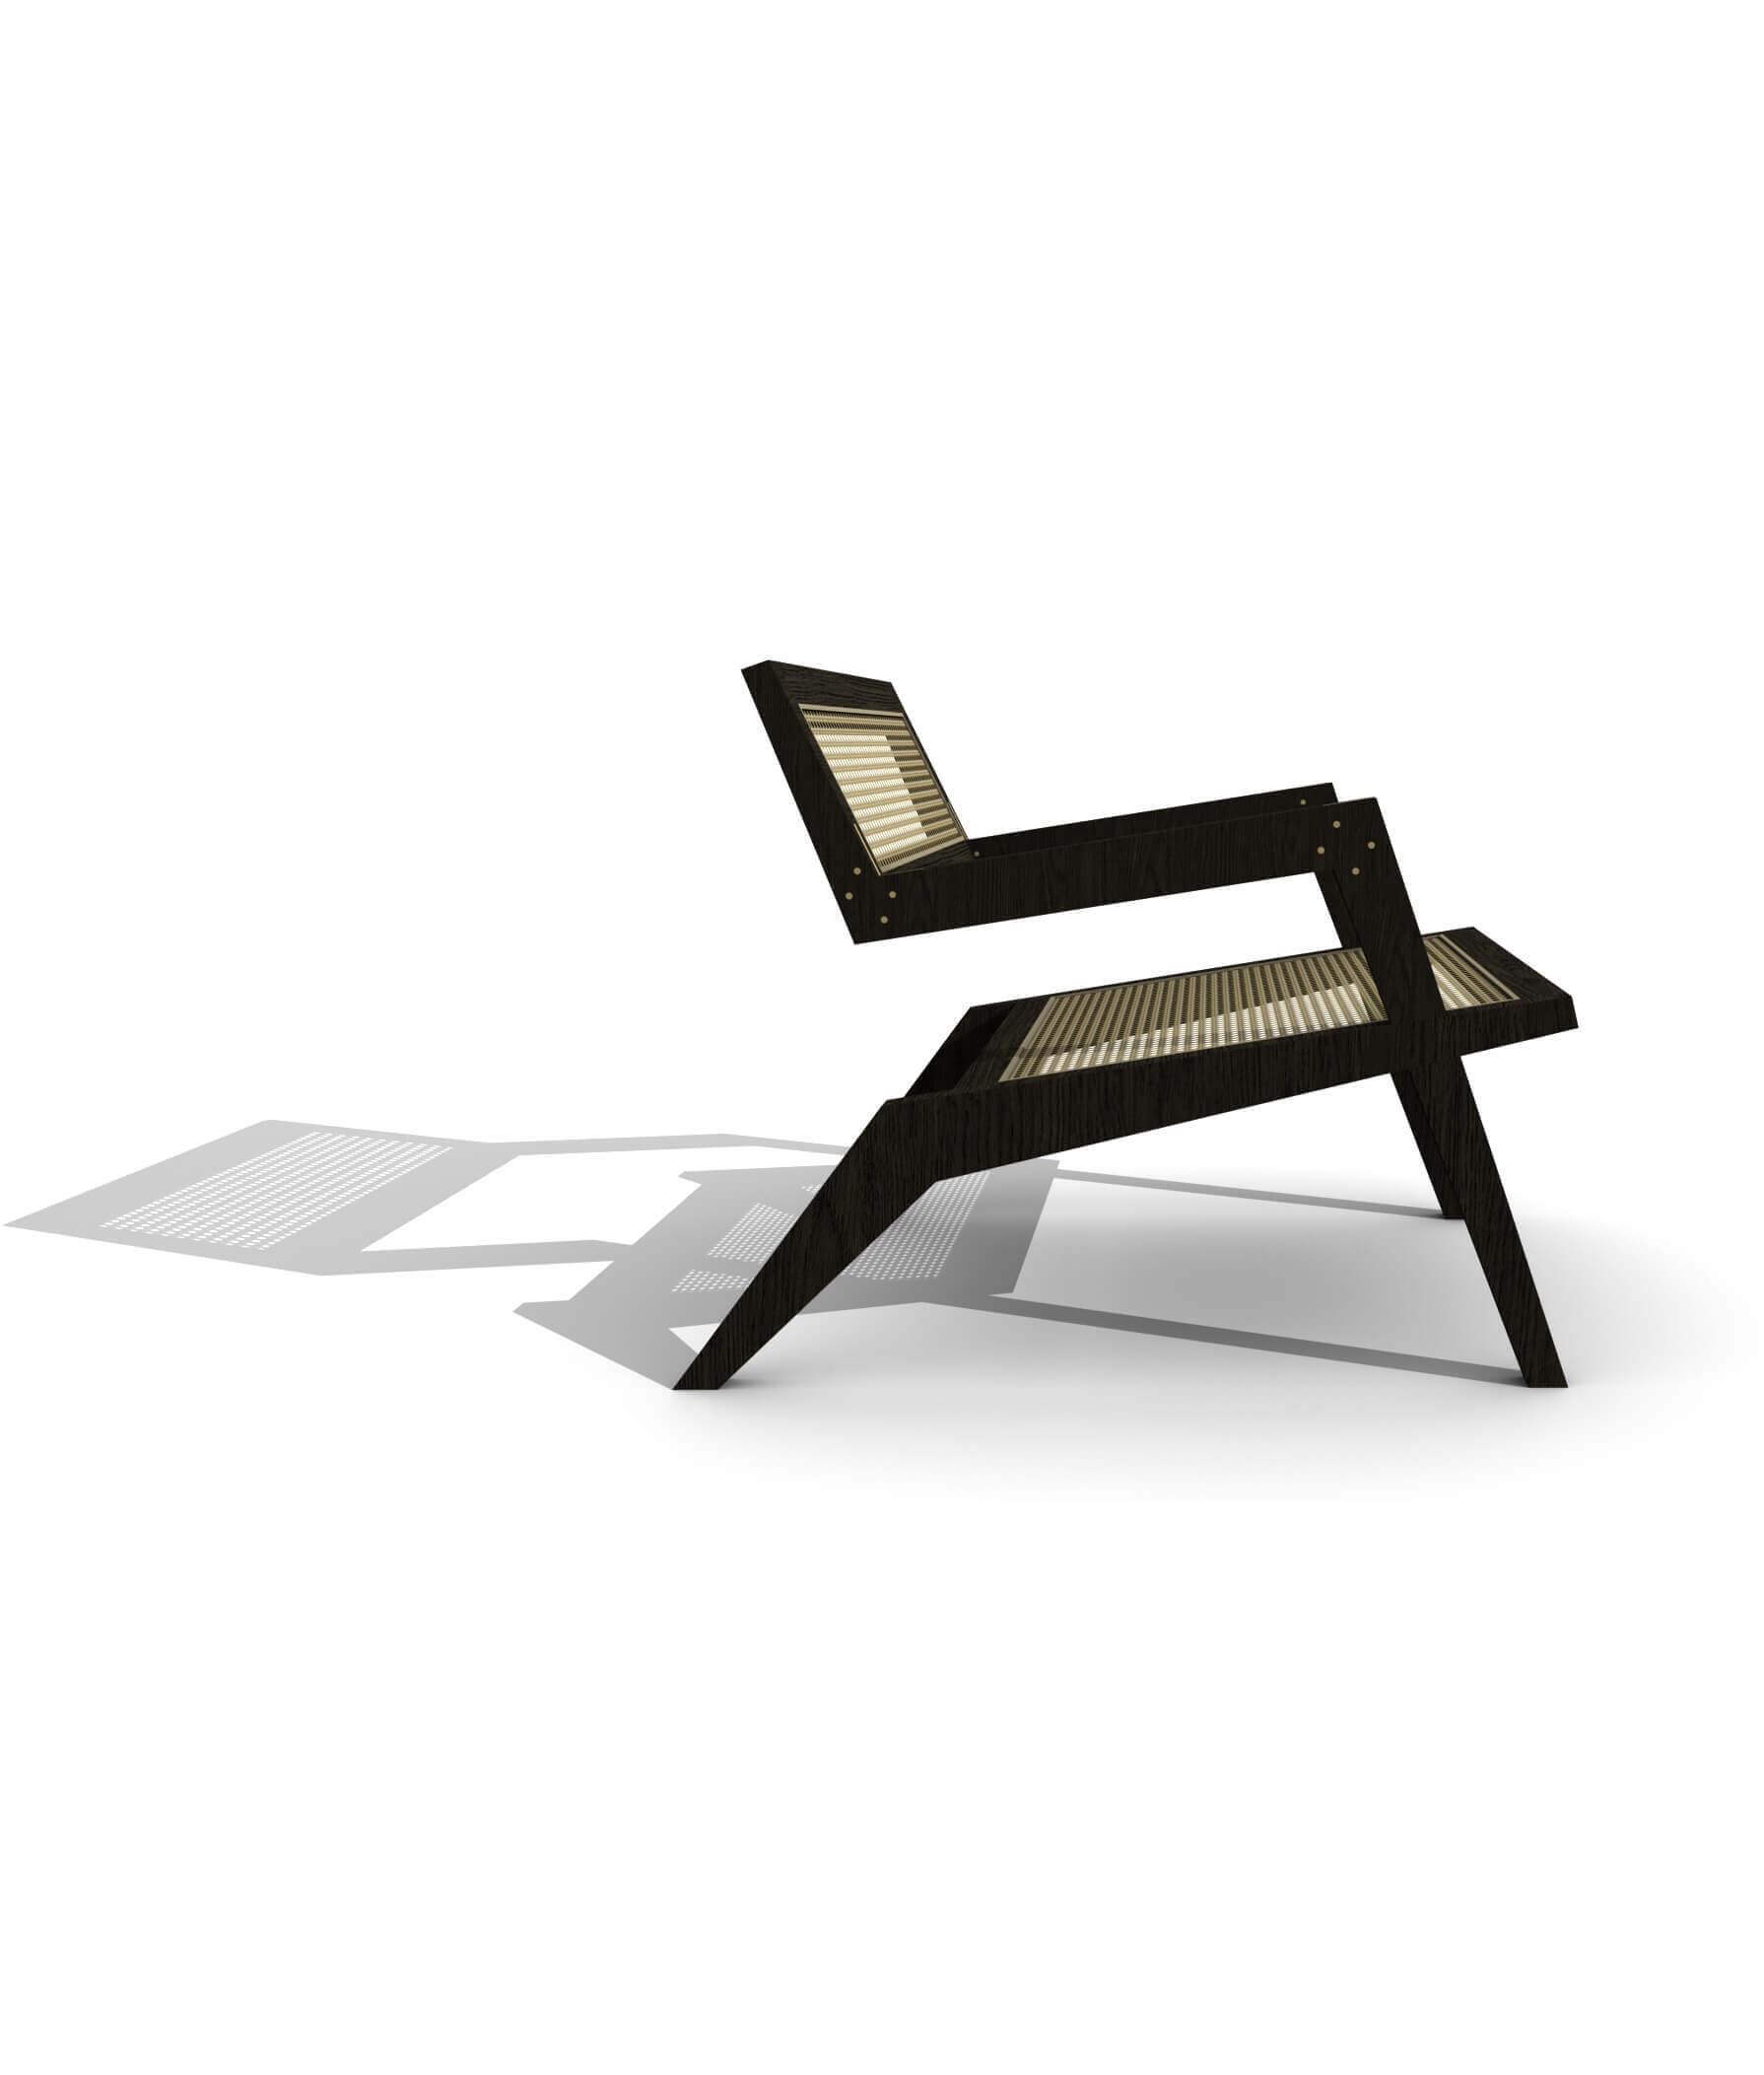 Image d'illustration des fauteuils essonna